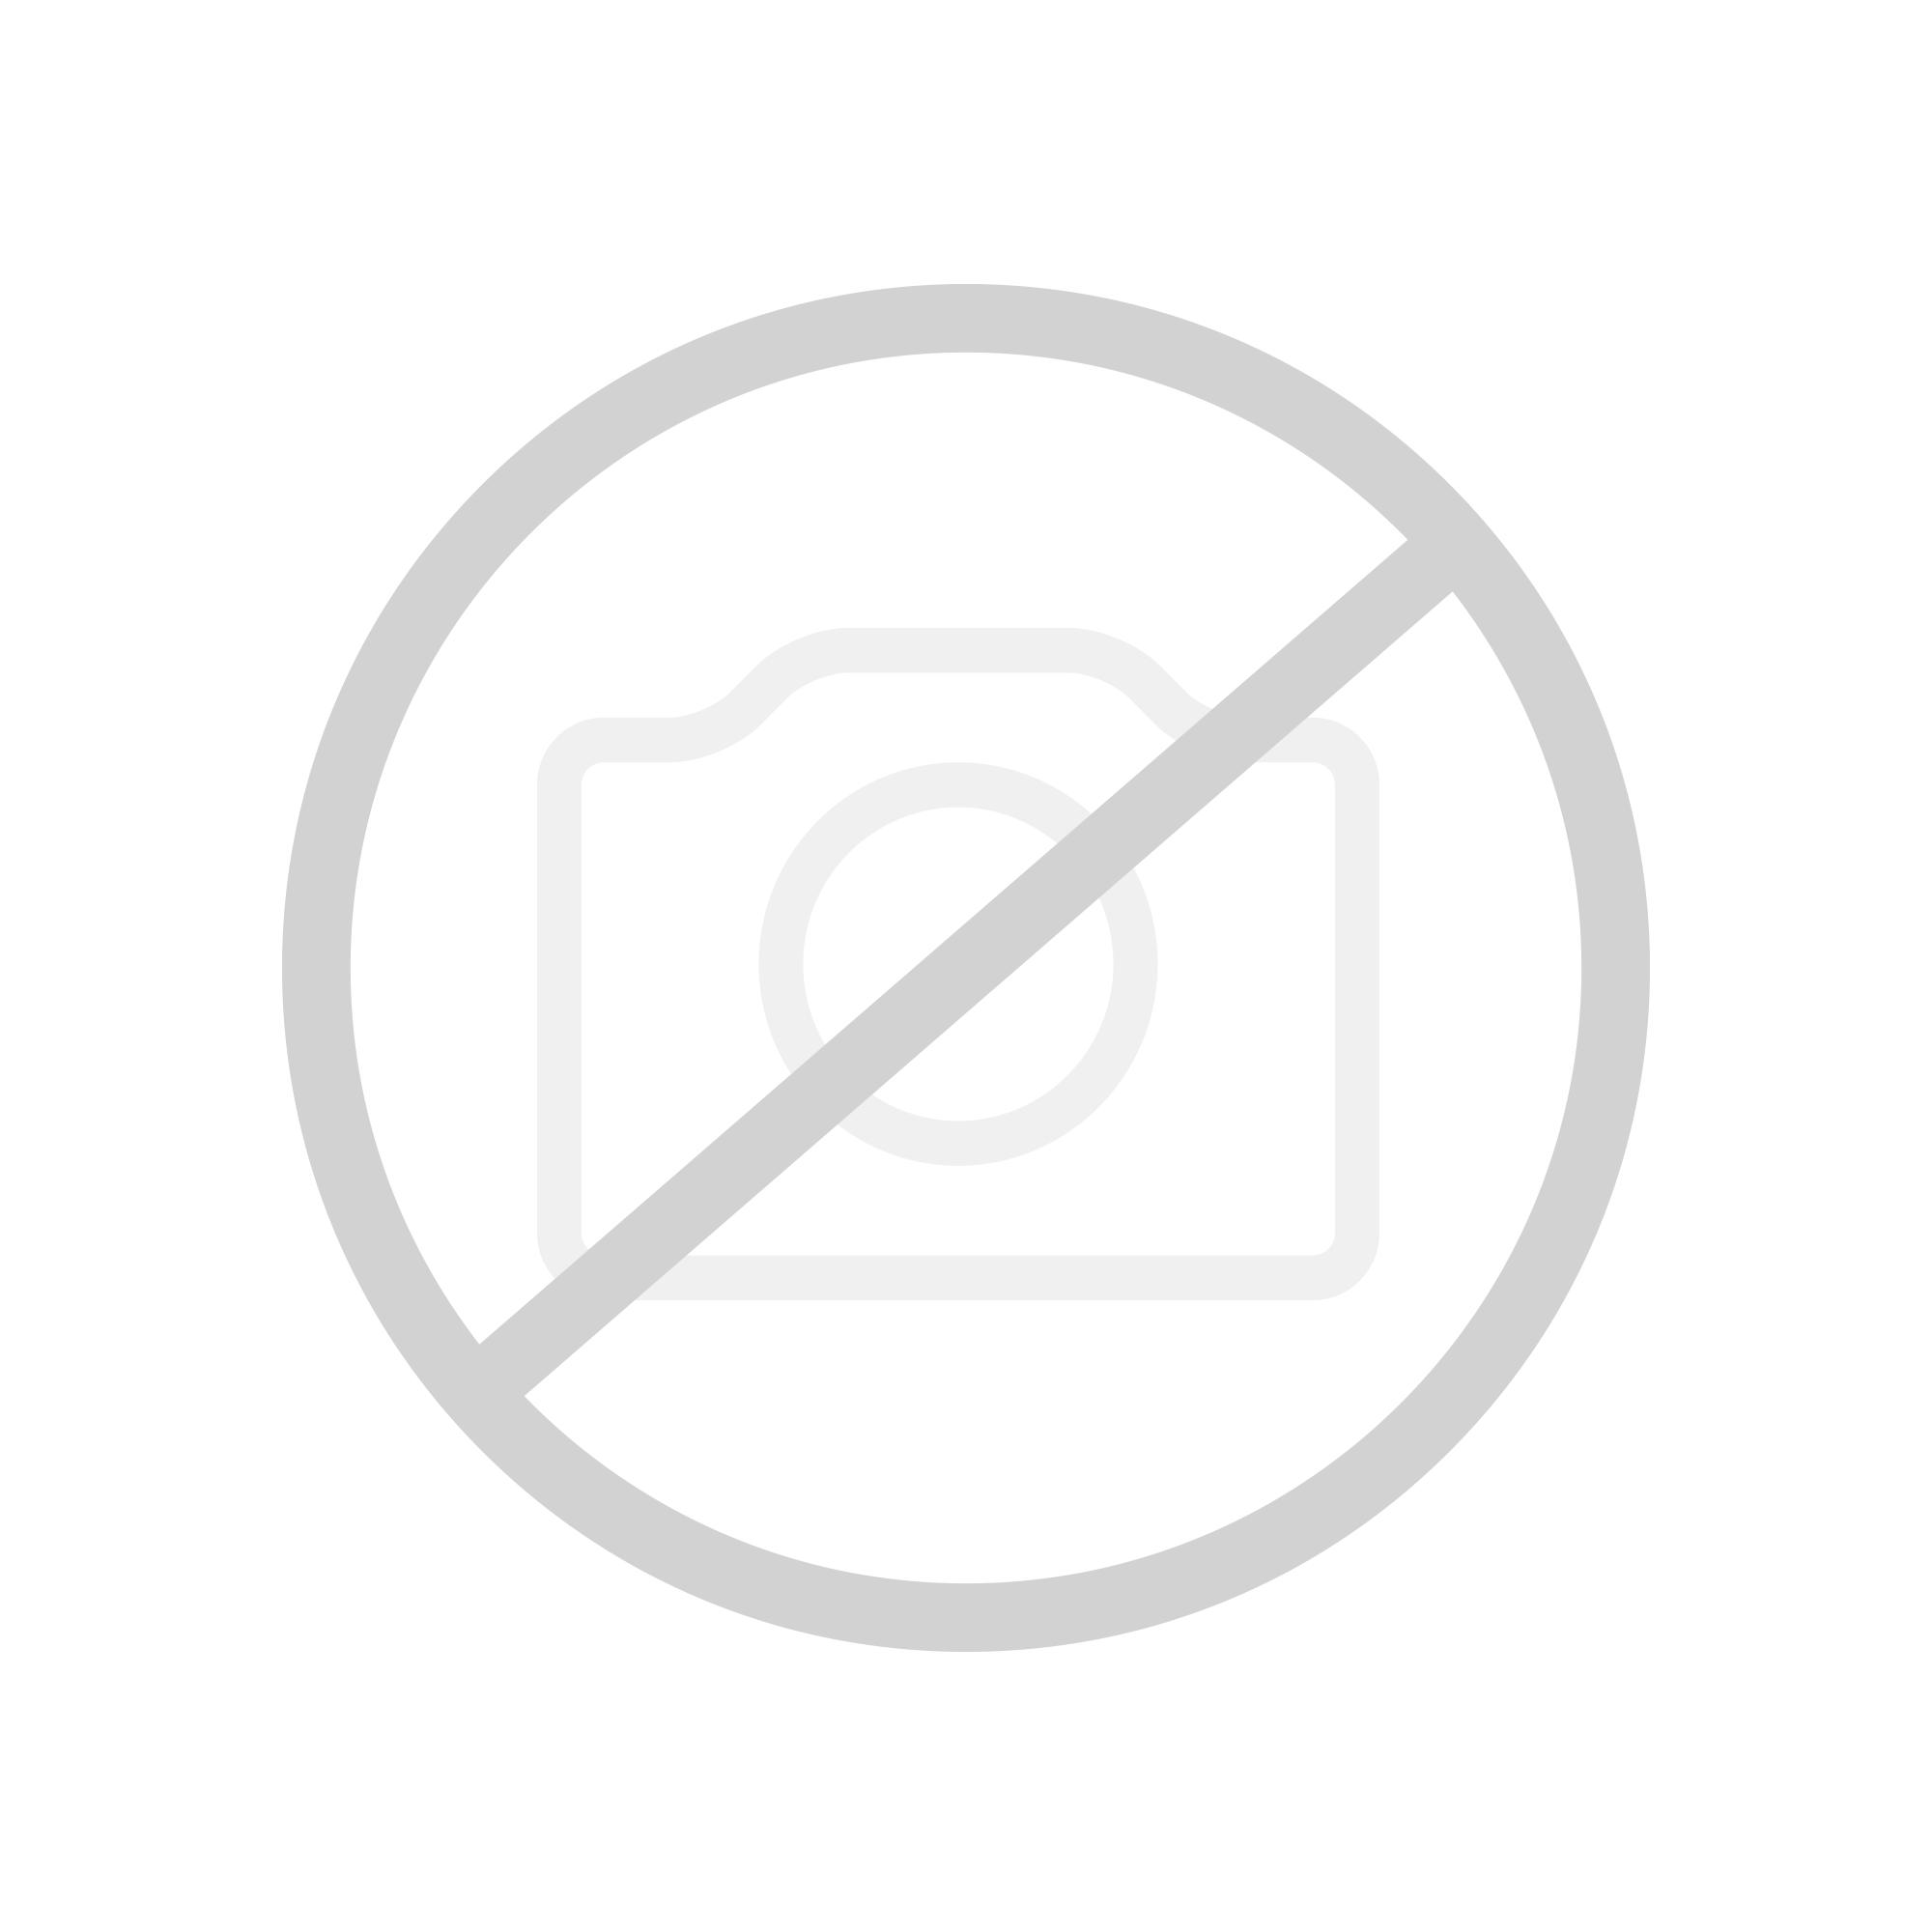 Koralle myDay Trennwand für Pendeltür WT ESG transparent / Silber matt